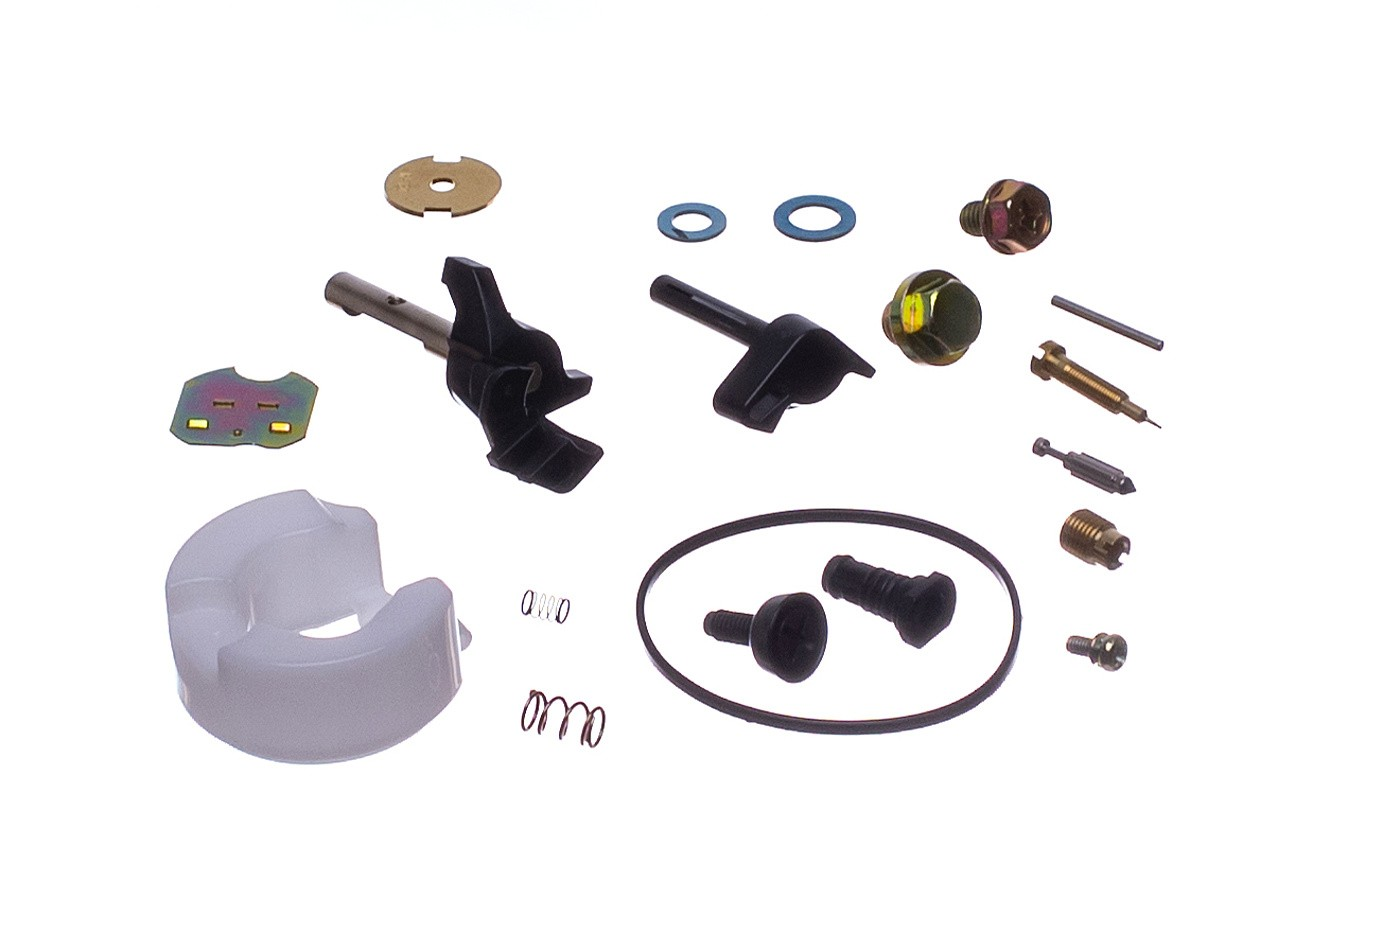 Súprava na opravu karburátora Honda GX160